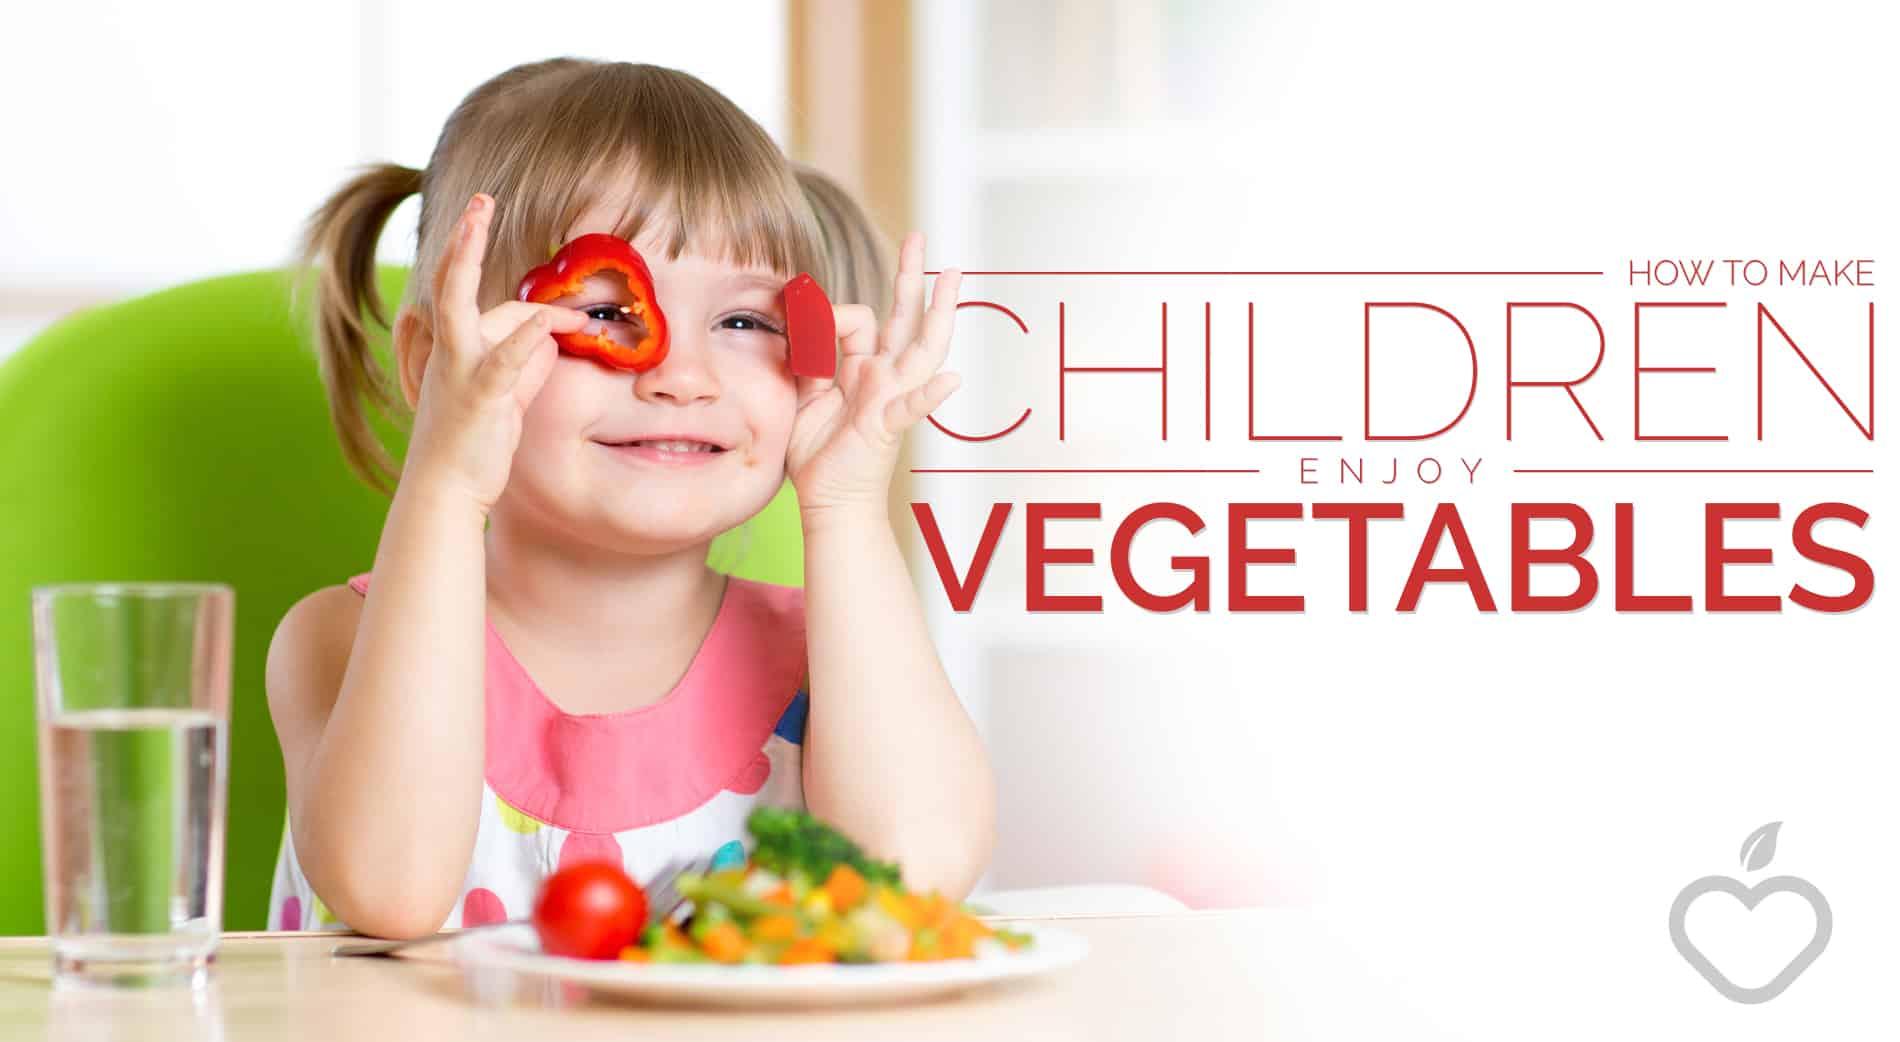 Vegetables Image Design 1 - How to Make Children Enjoy Vegetables